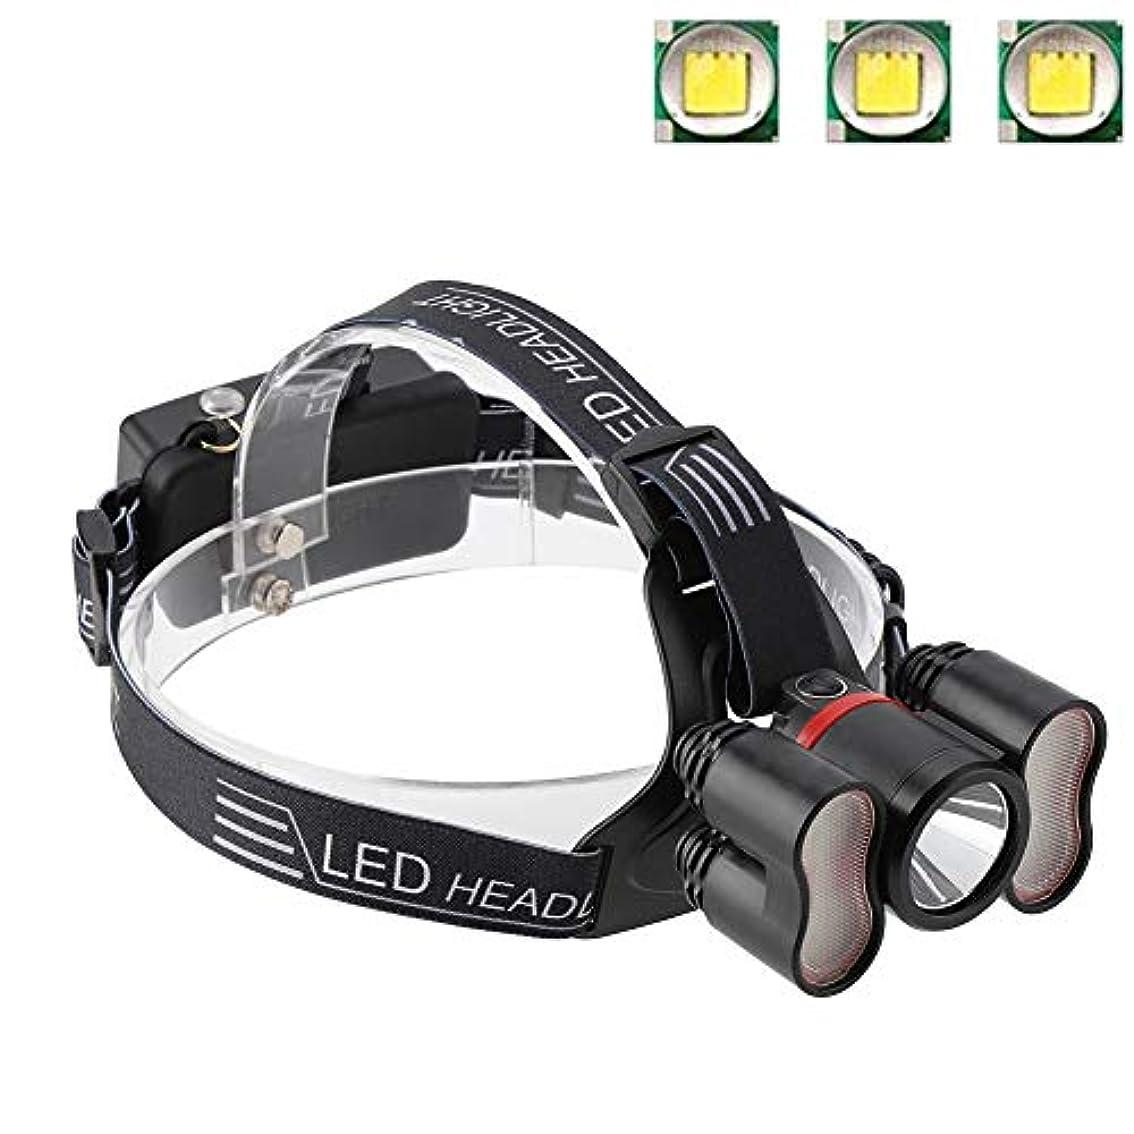 曲線数アルバニーヘッドライト懐中電灯、2000LMヘッドライト18650 LED USB充電式防水トラベルヘッドトーチキャンプランプランニングハイキング釣りに適して(#1)